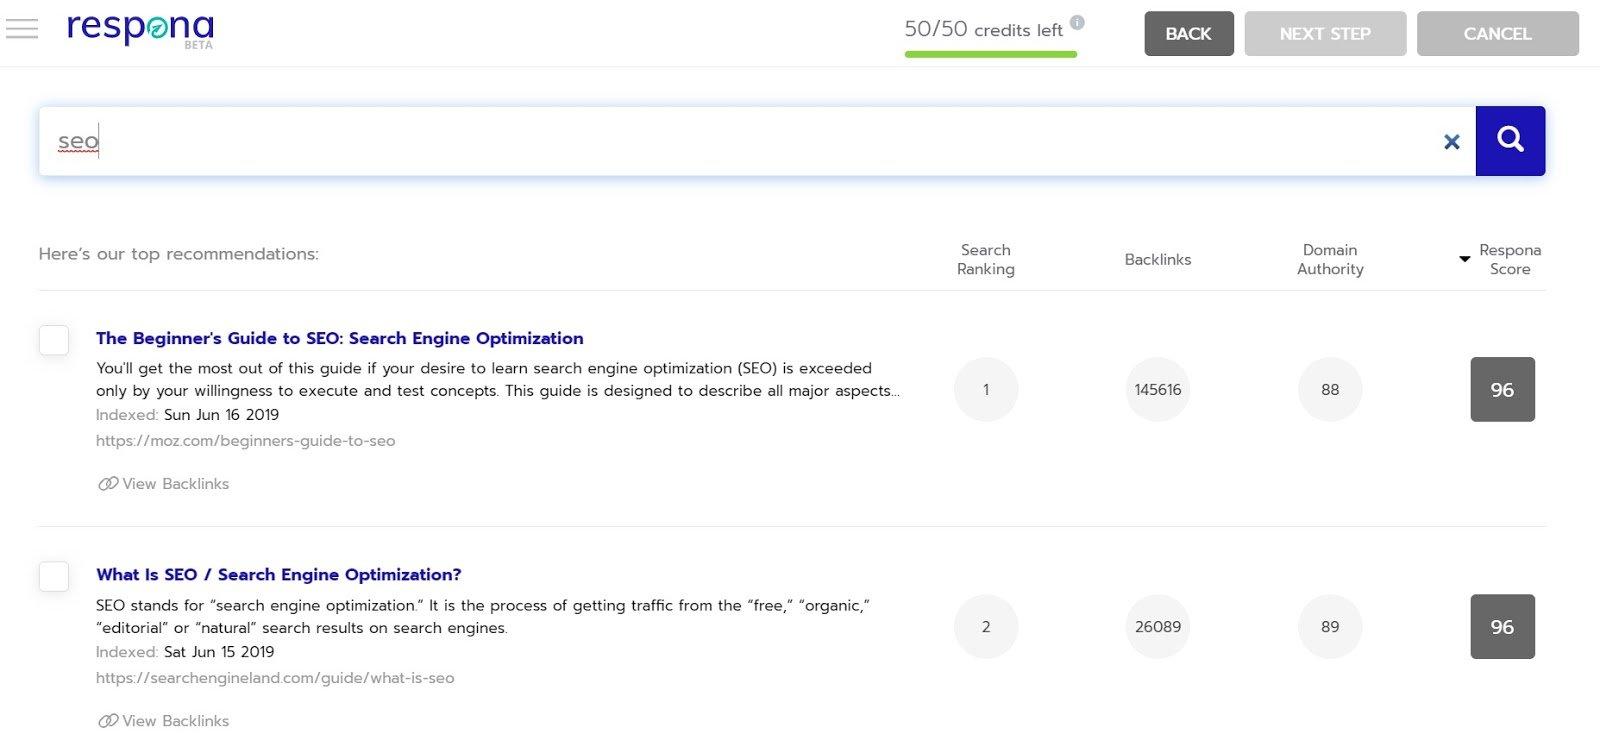 respona seo search